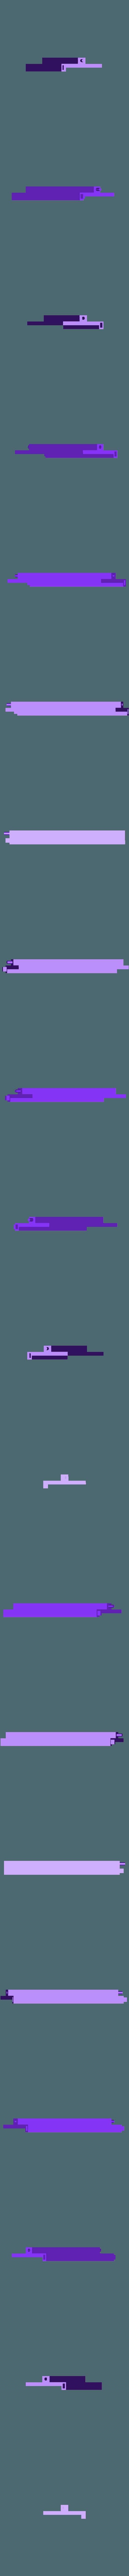 rampe 2.stl Télécharger fichier STL Pont 4 colonnes pour garage 1/10 • Design pour impression 3D, RCGANG93